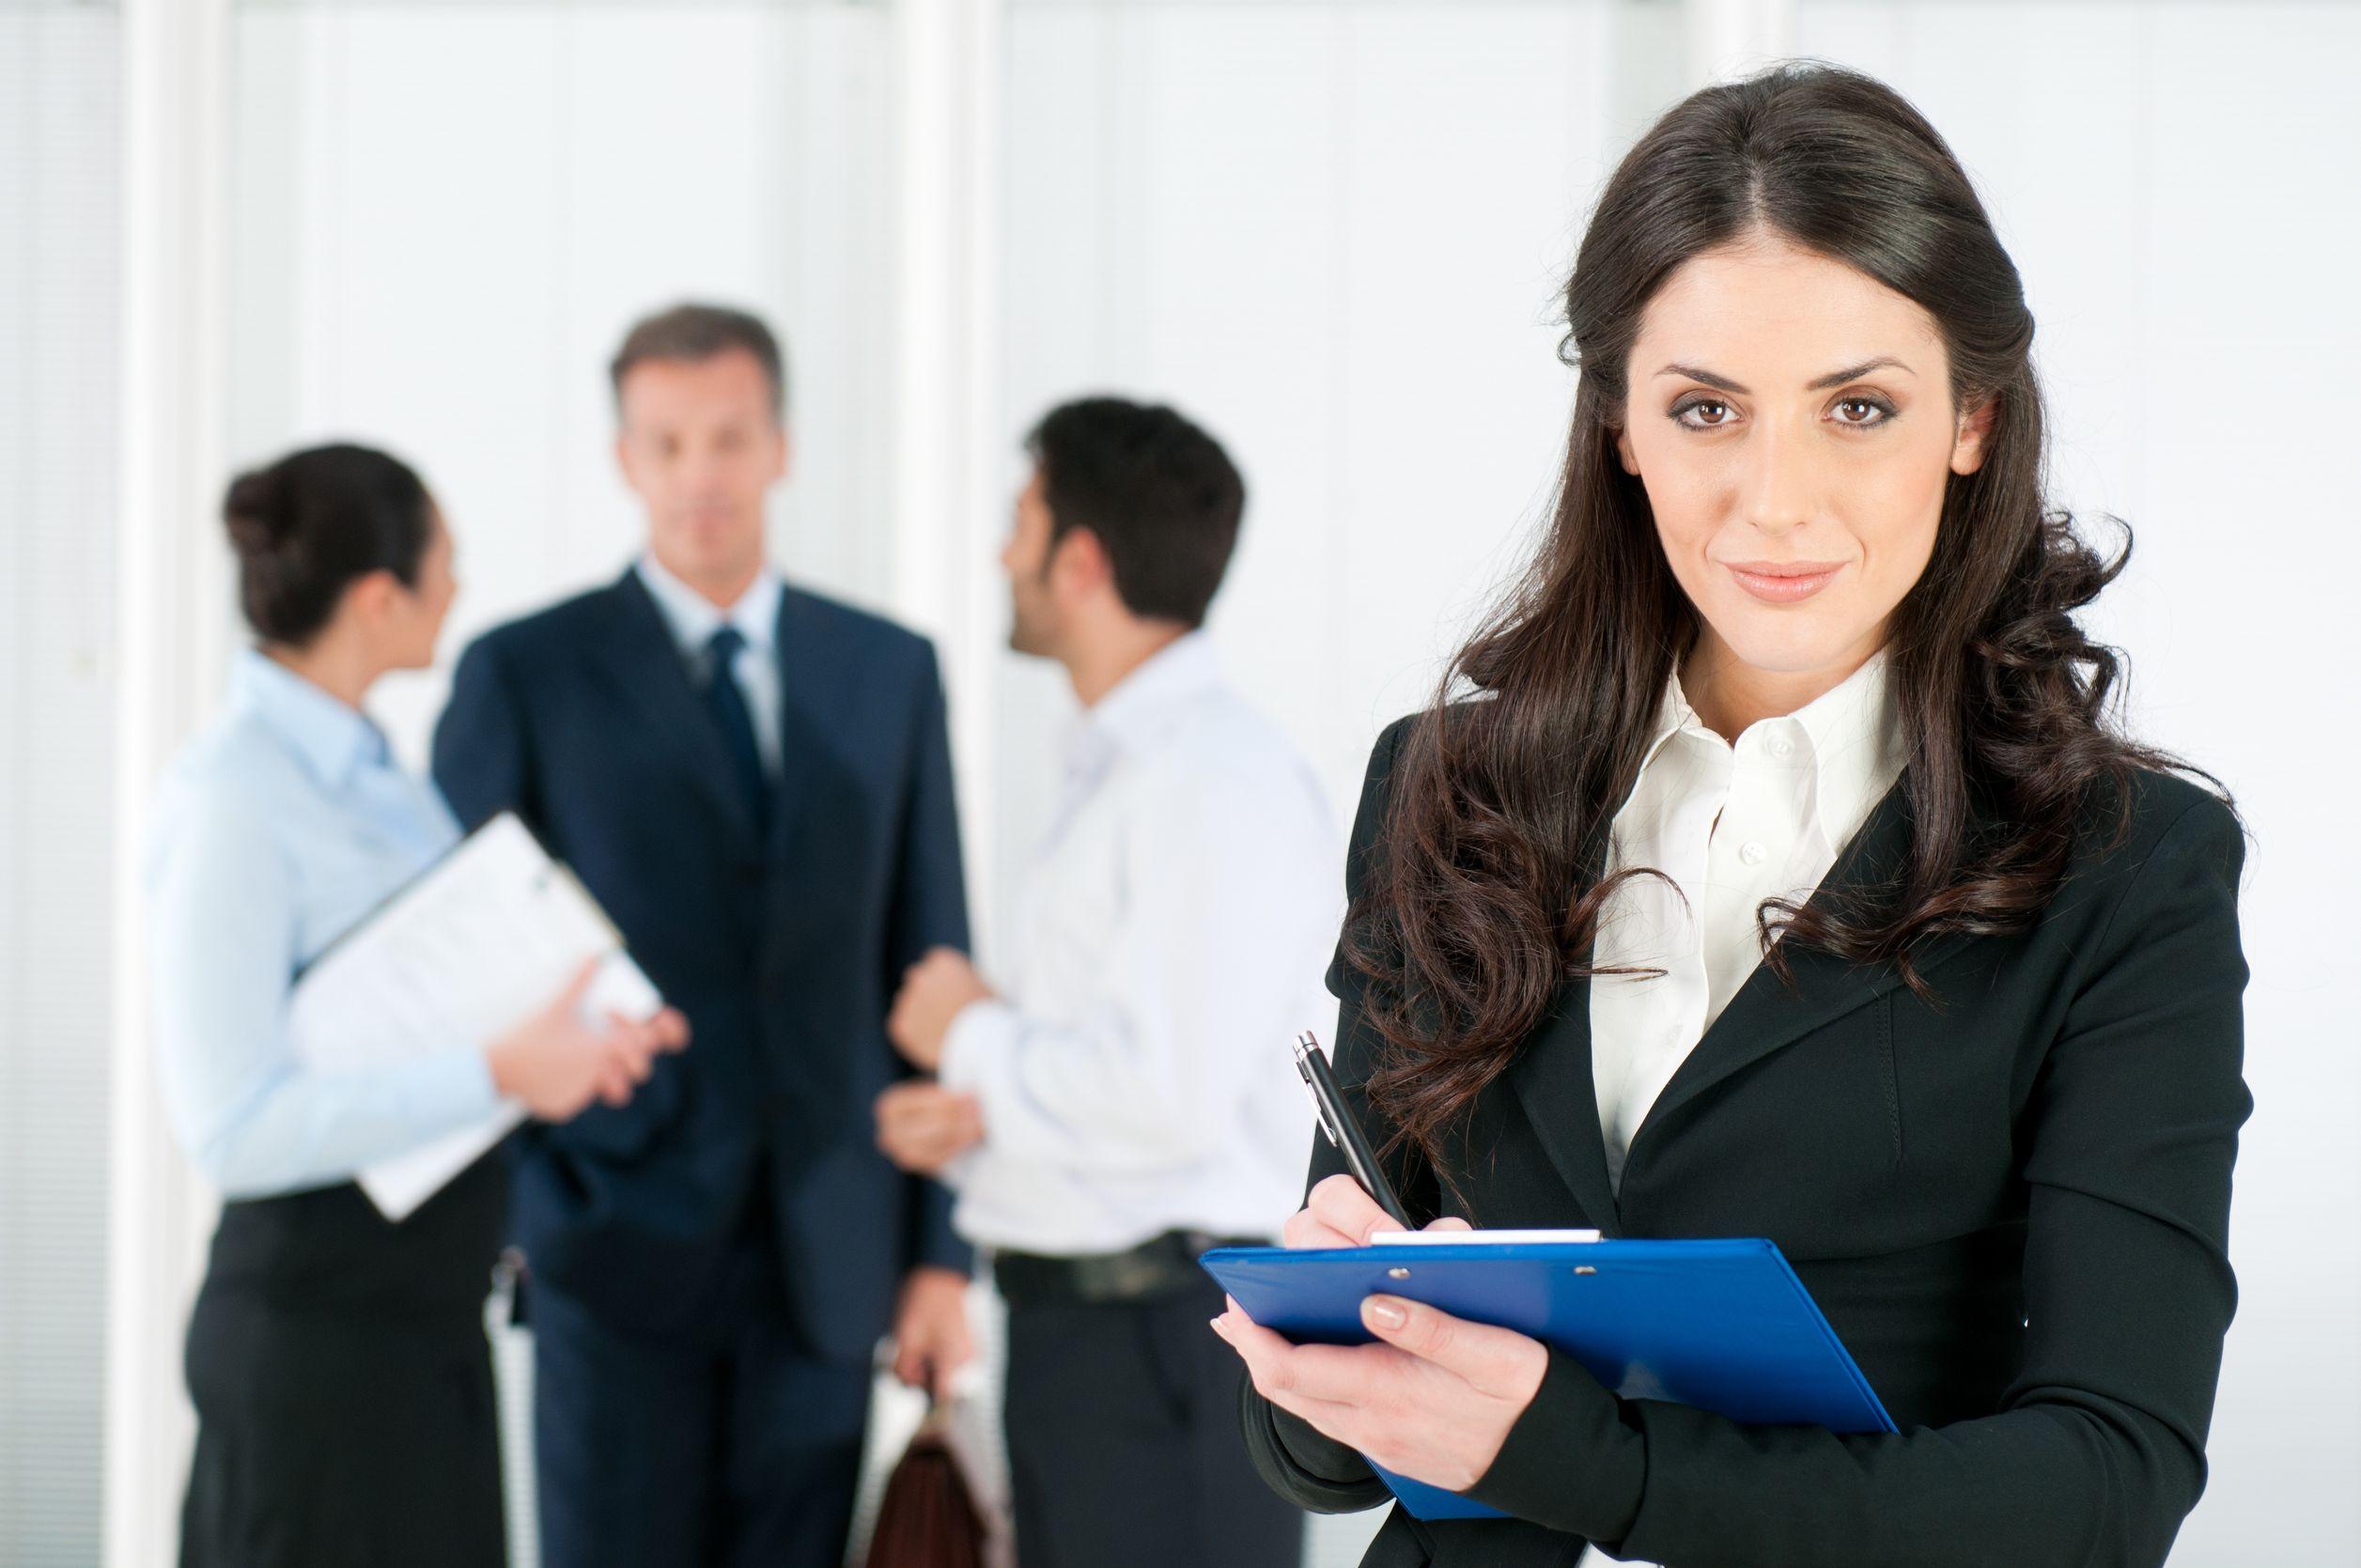 6 dicas para trabalhar de maneira mais inteligente